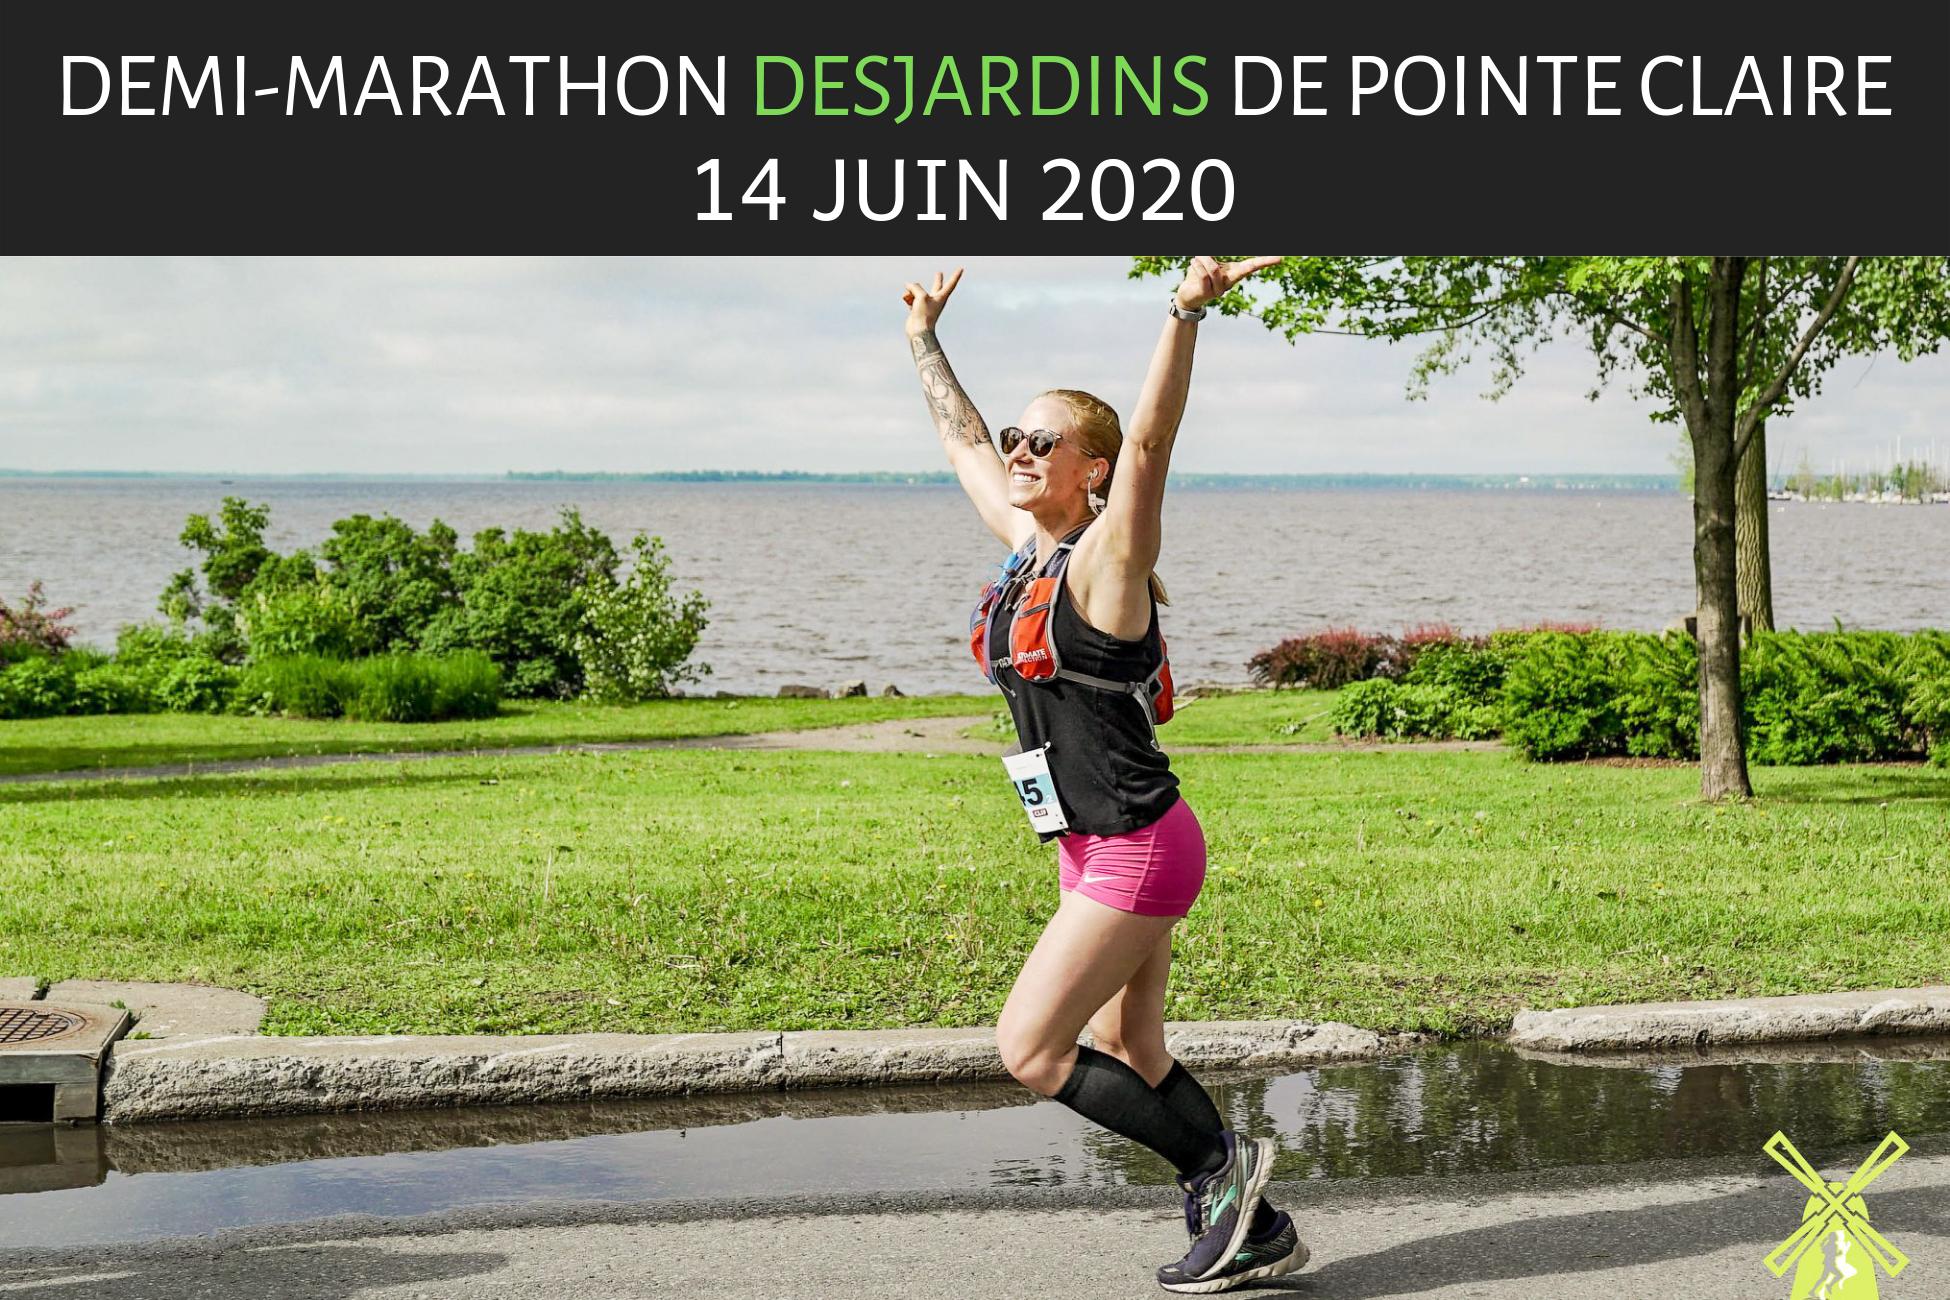 DEMI-MARATHON DE POINTE-CLAIRE 2020 - FR